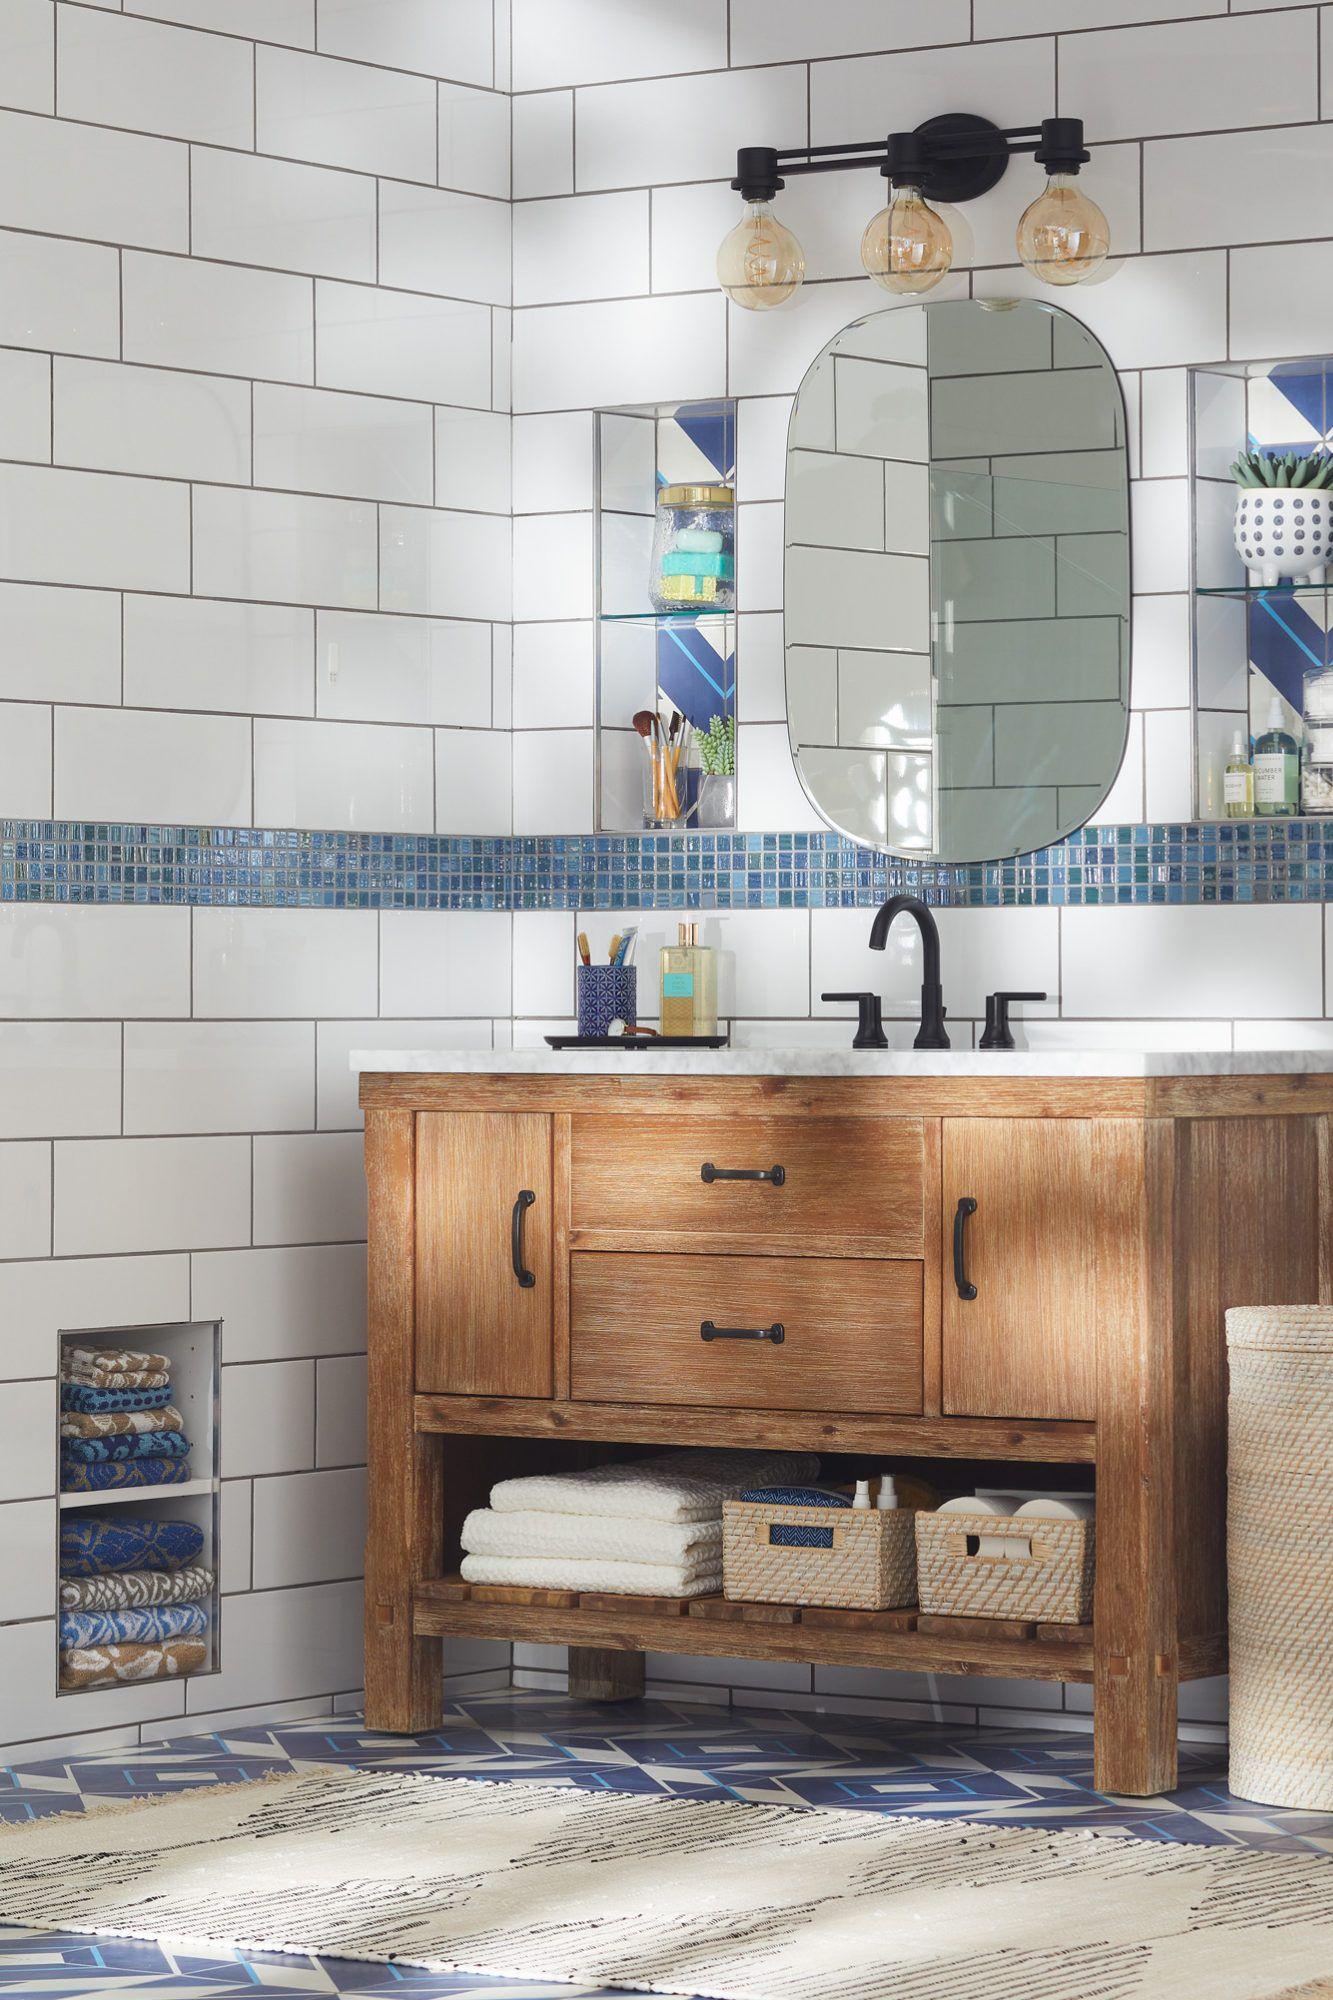 28 Towel Display Ideas For Pretty And Practical Bathroom Storage In 2020 Best Bathroom Flooring Bathroom Tile Designs Tile Bathroom